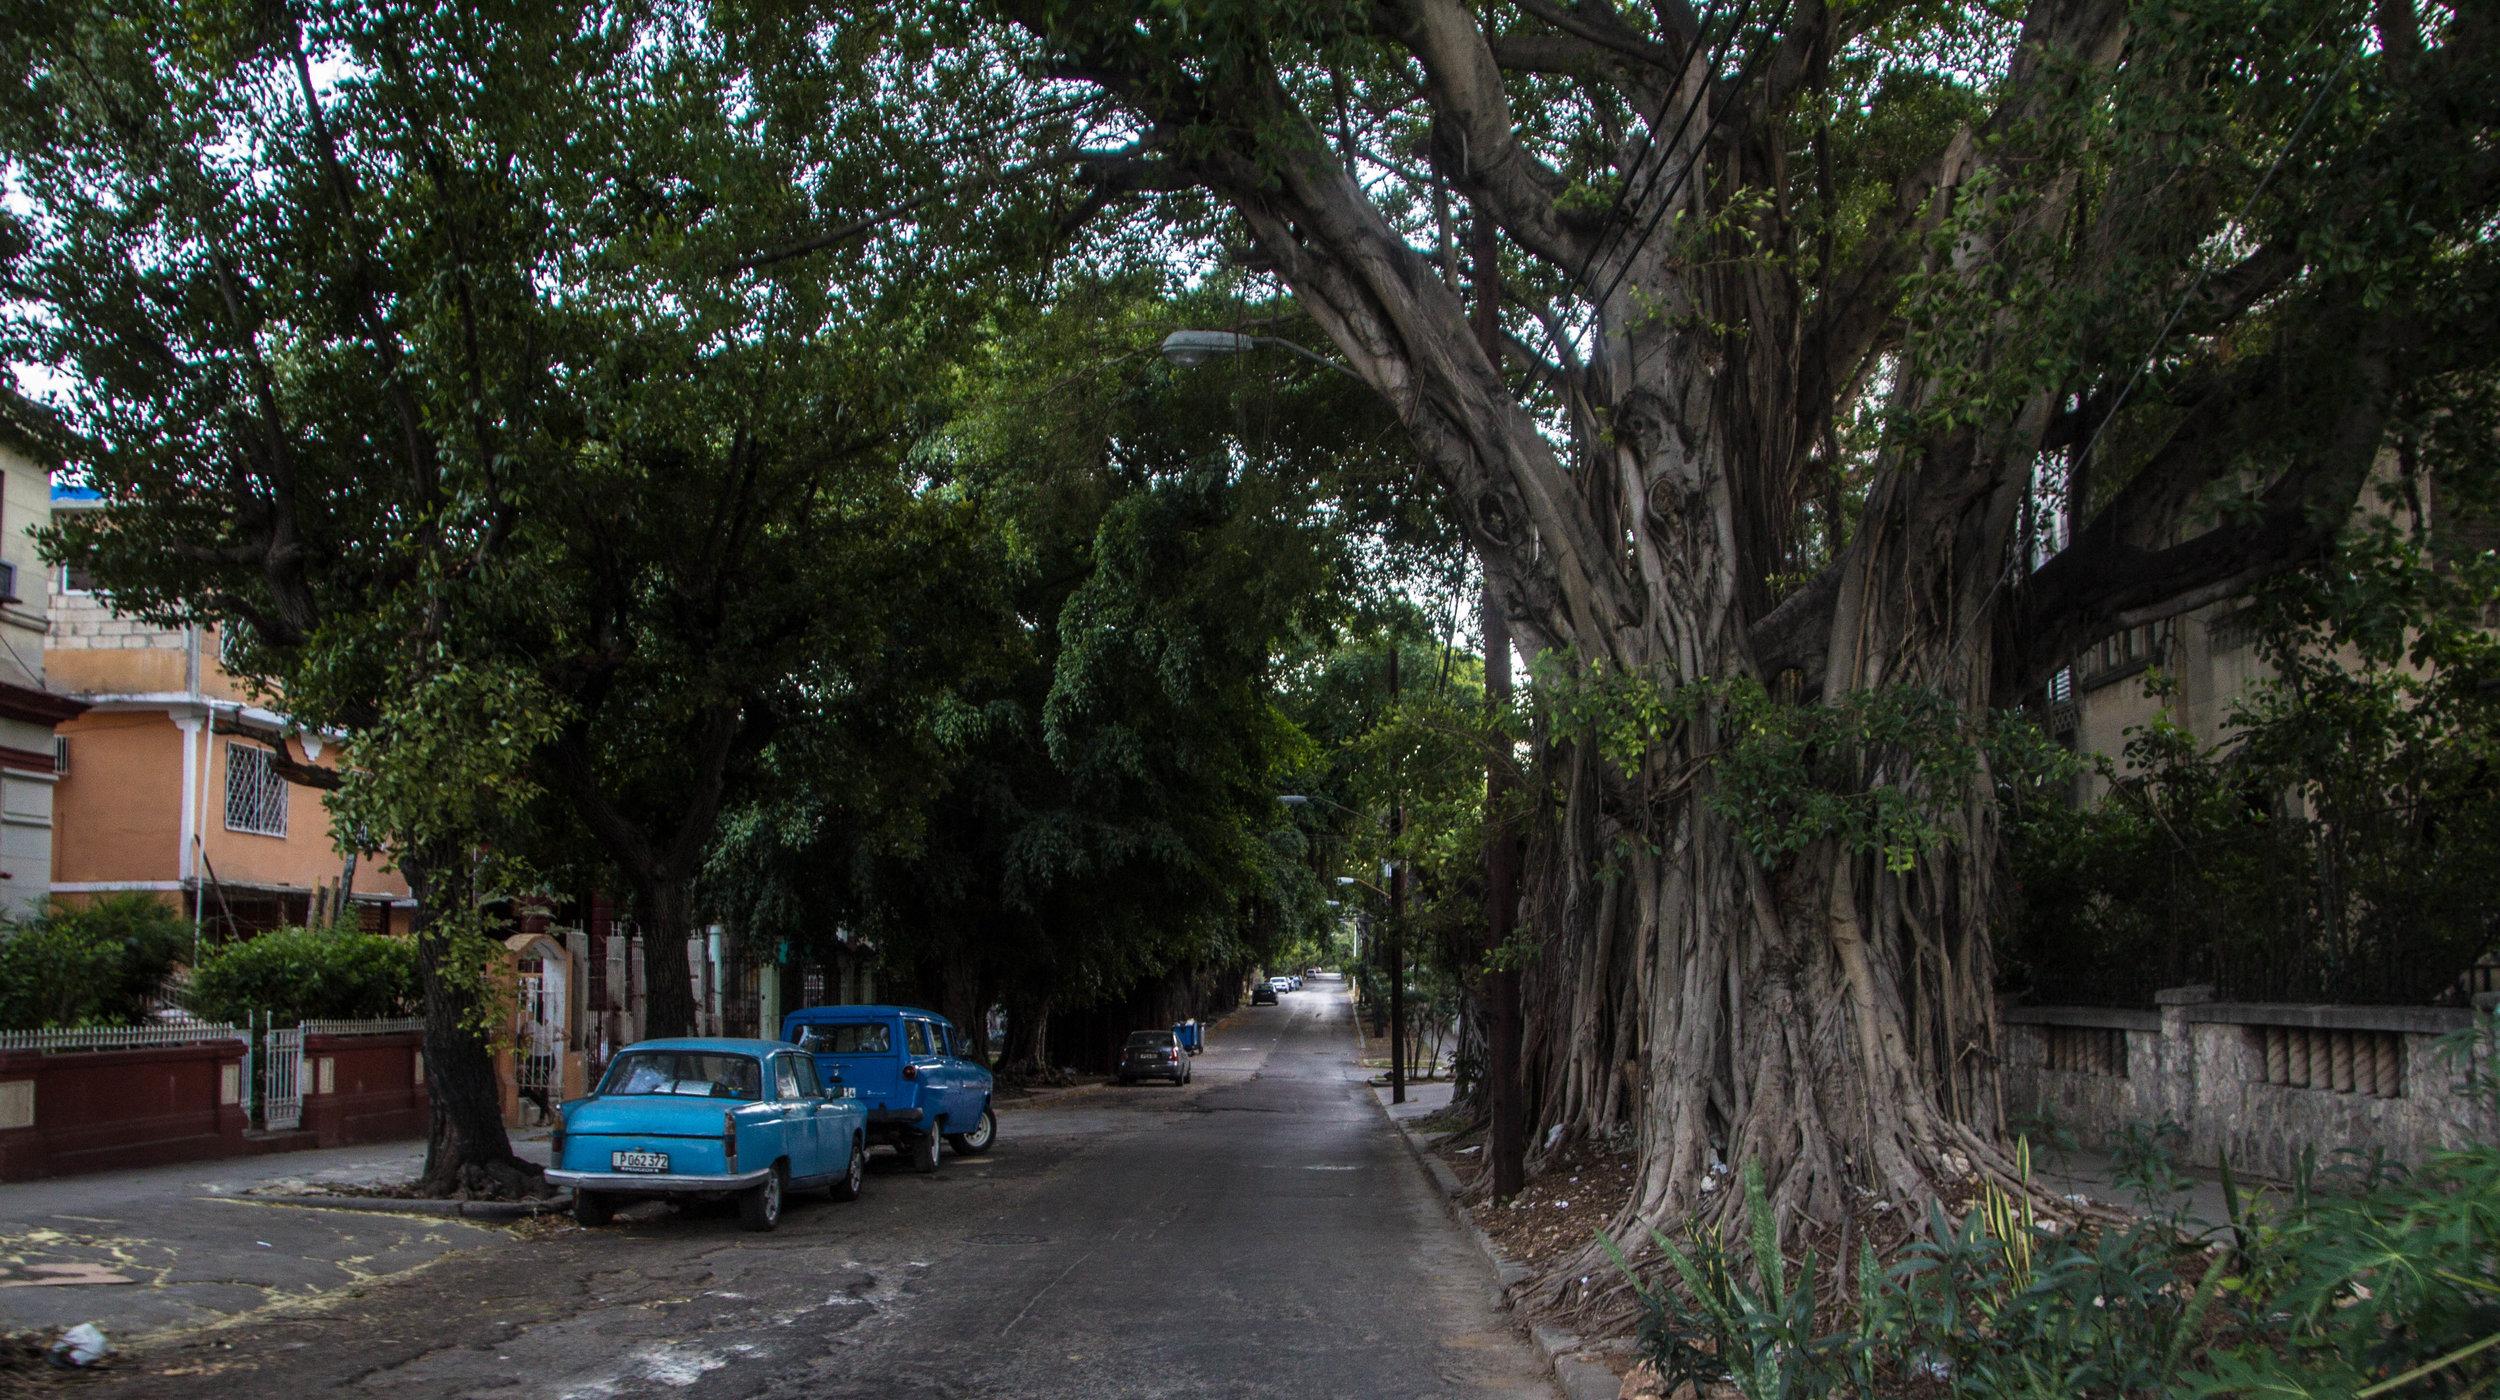 streets vedado havana cuba-1-2-2.jpg